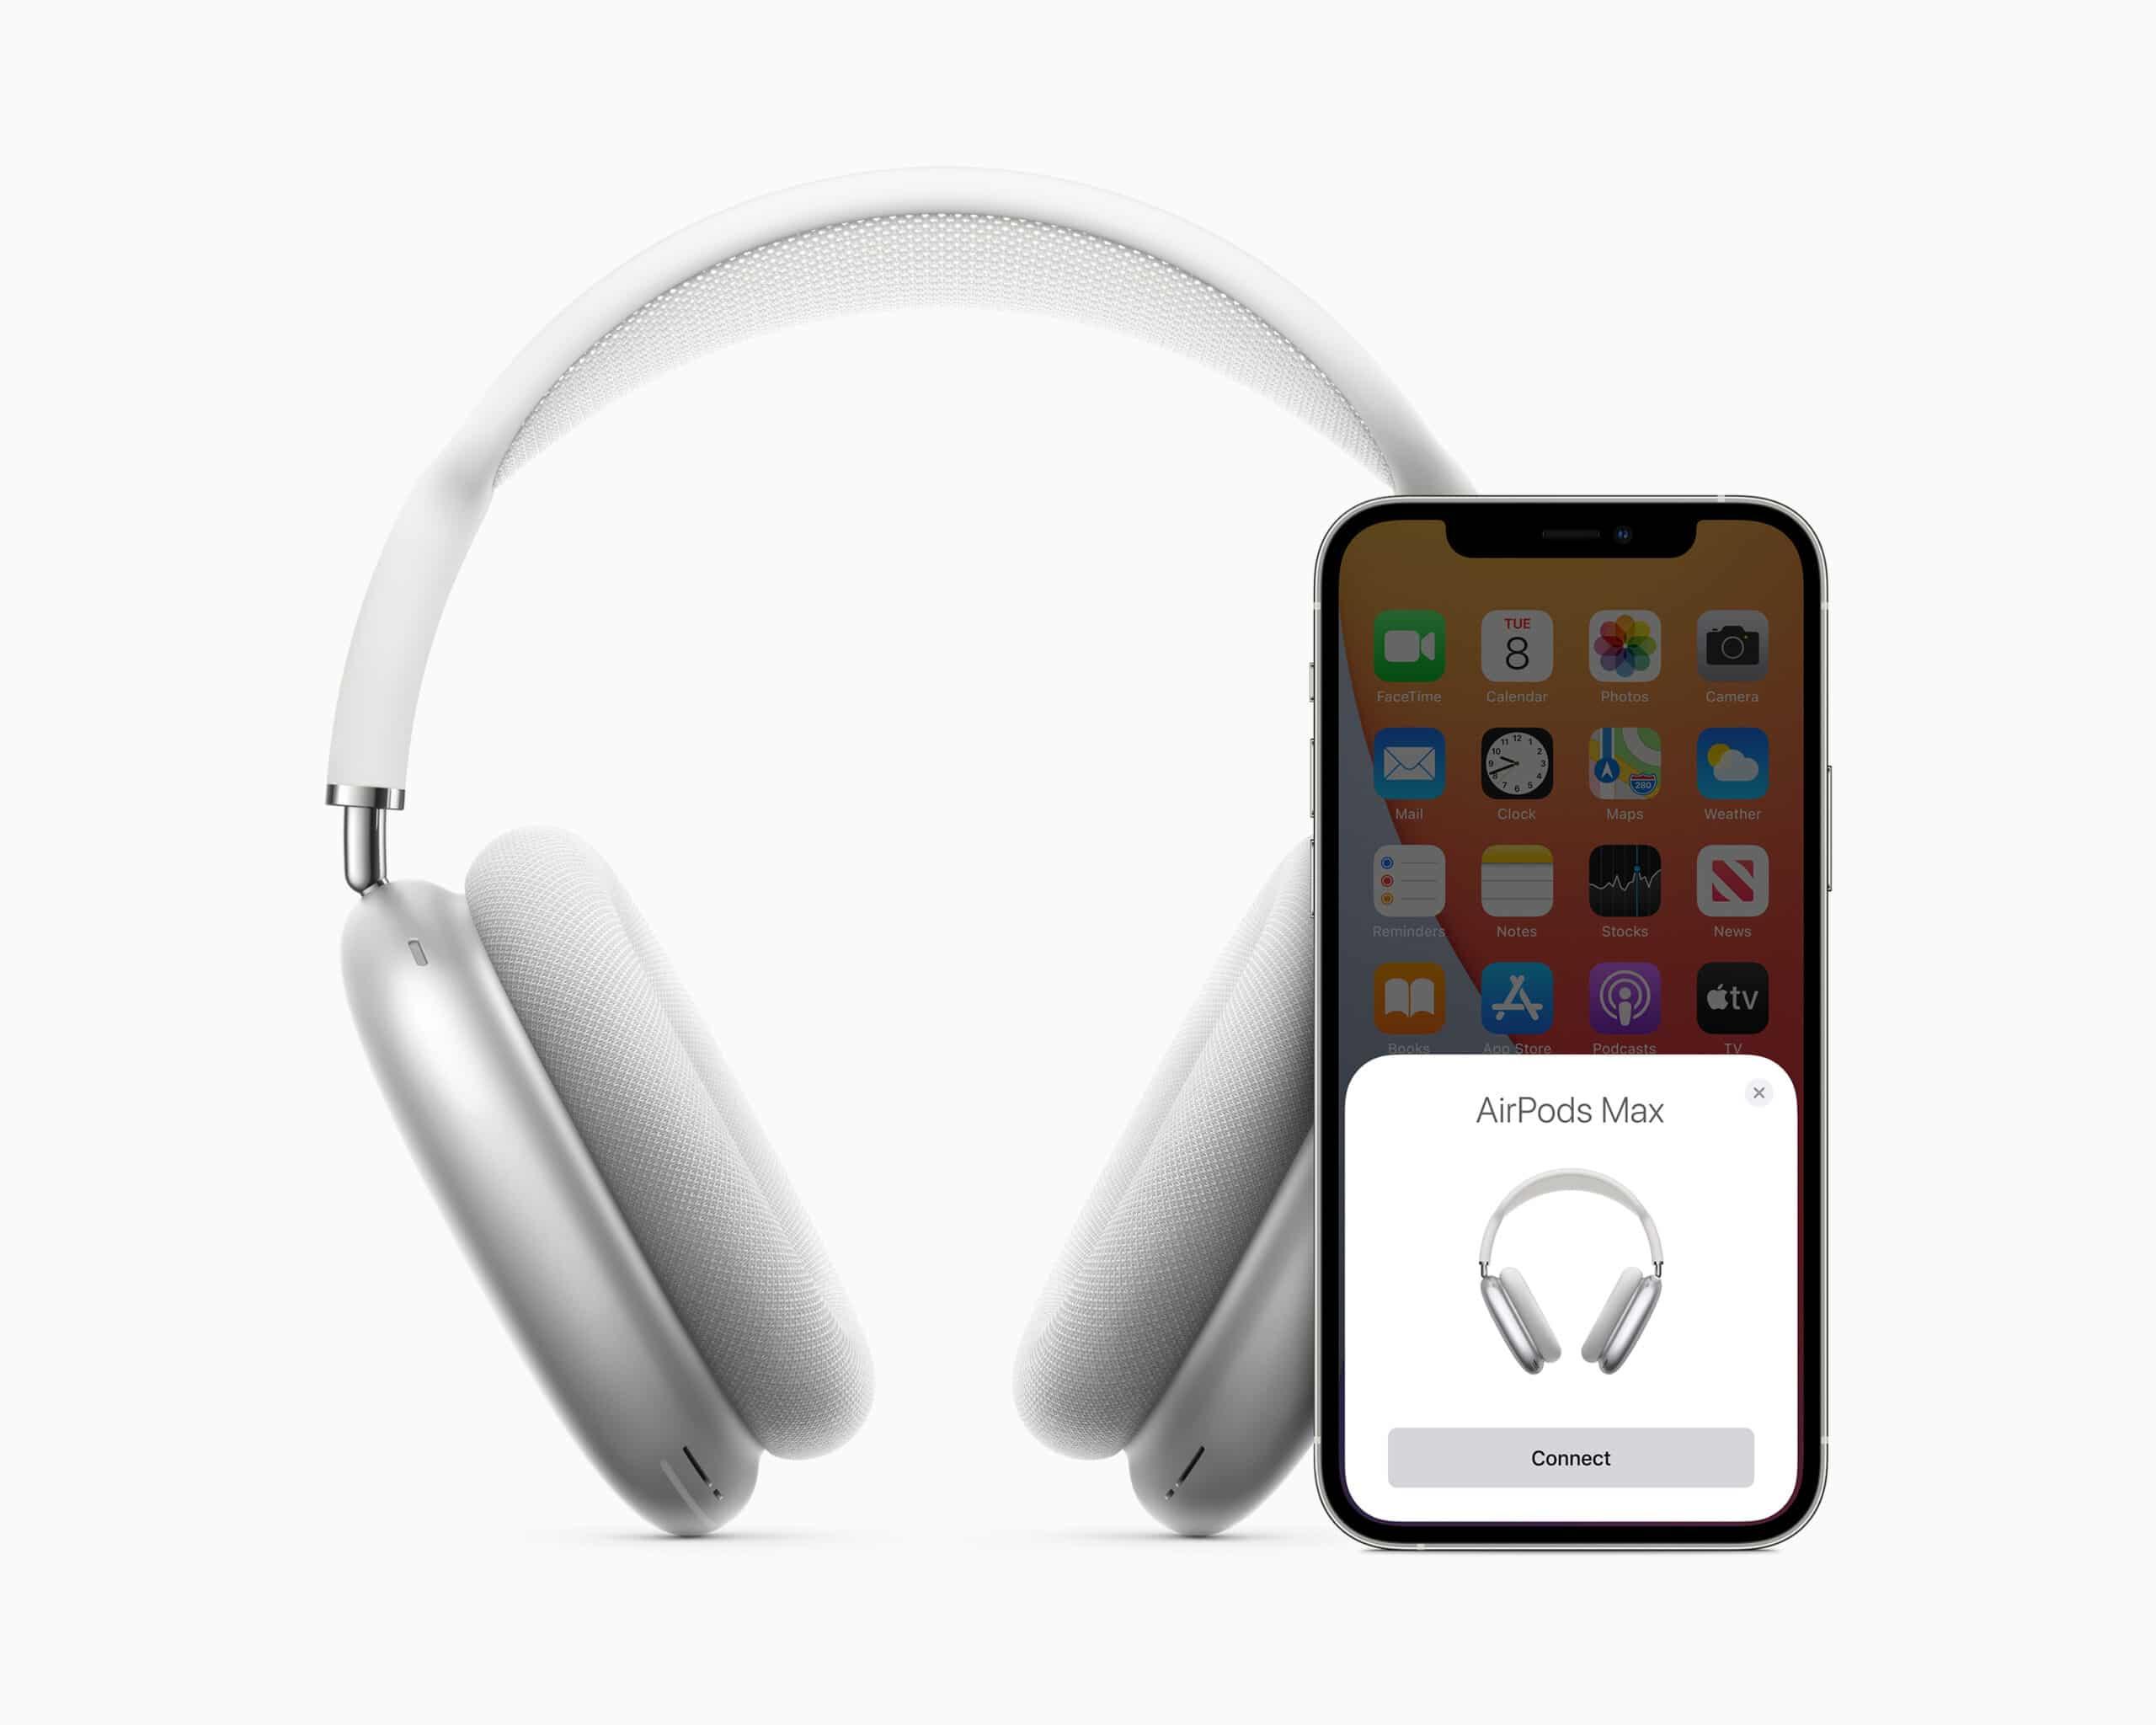 Emparelhamento dos AirPods Max com iPhone 12